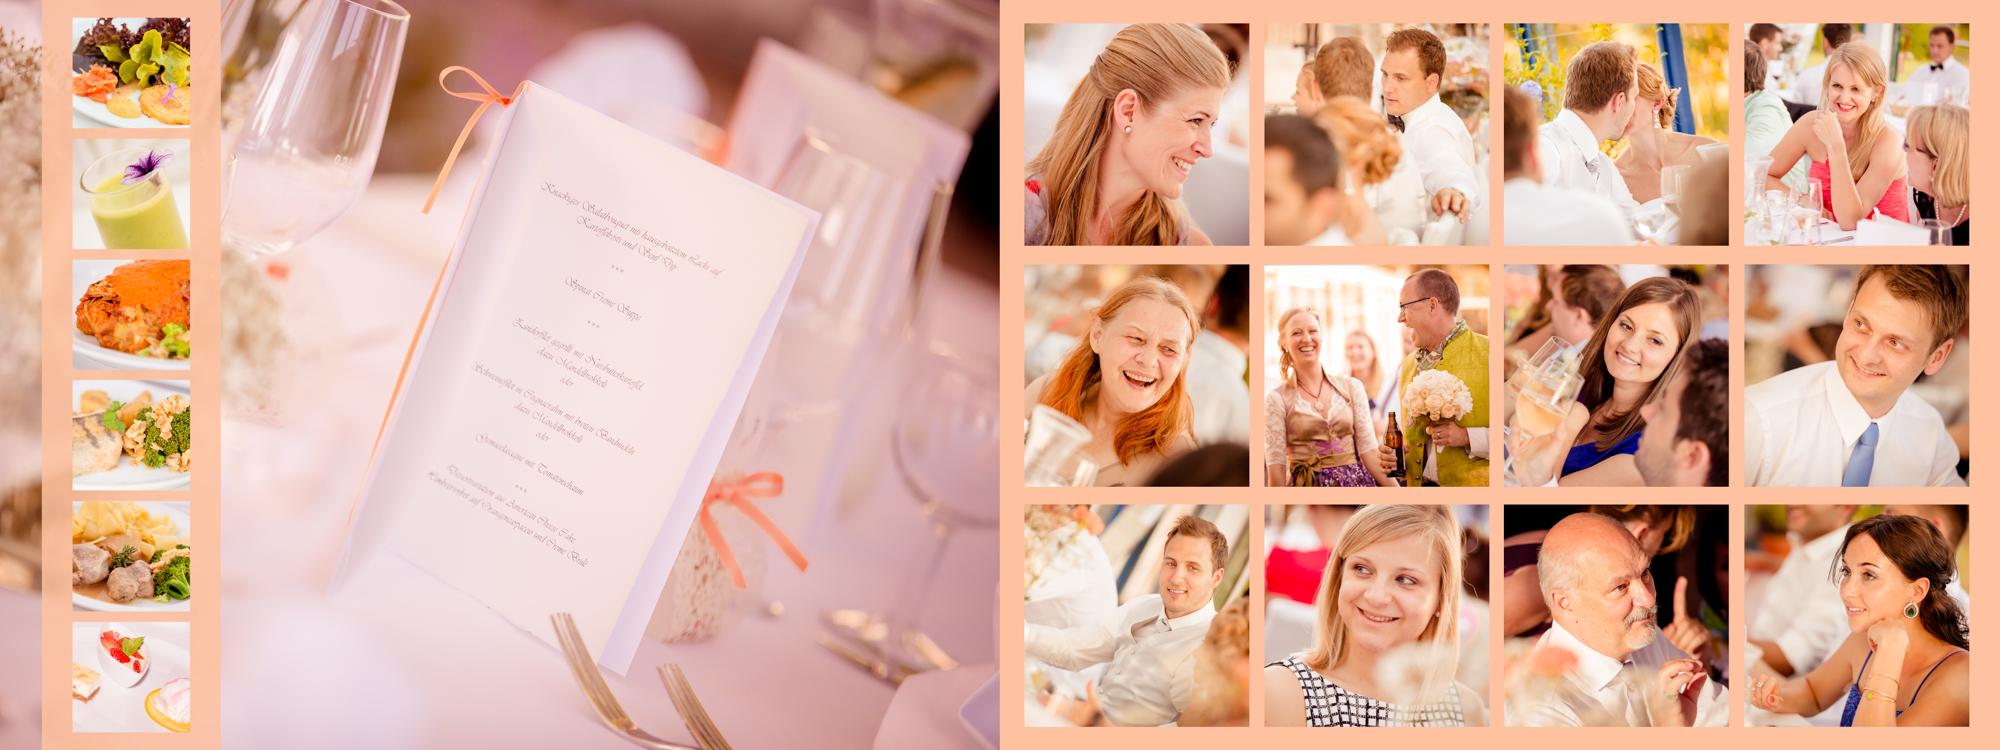 Hochzeitsbuch Lisa & Peter Seite 30